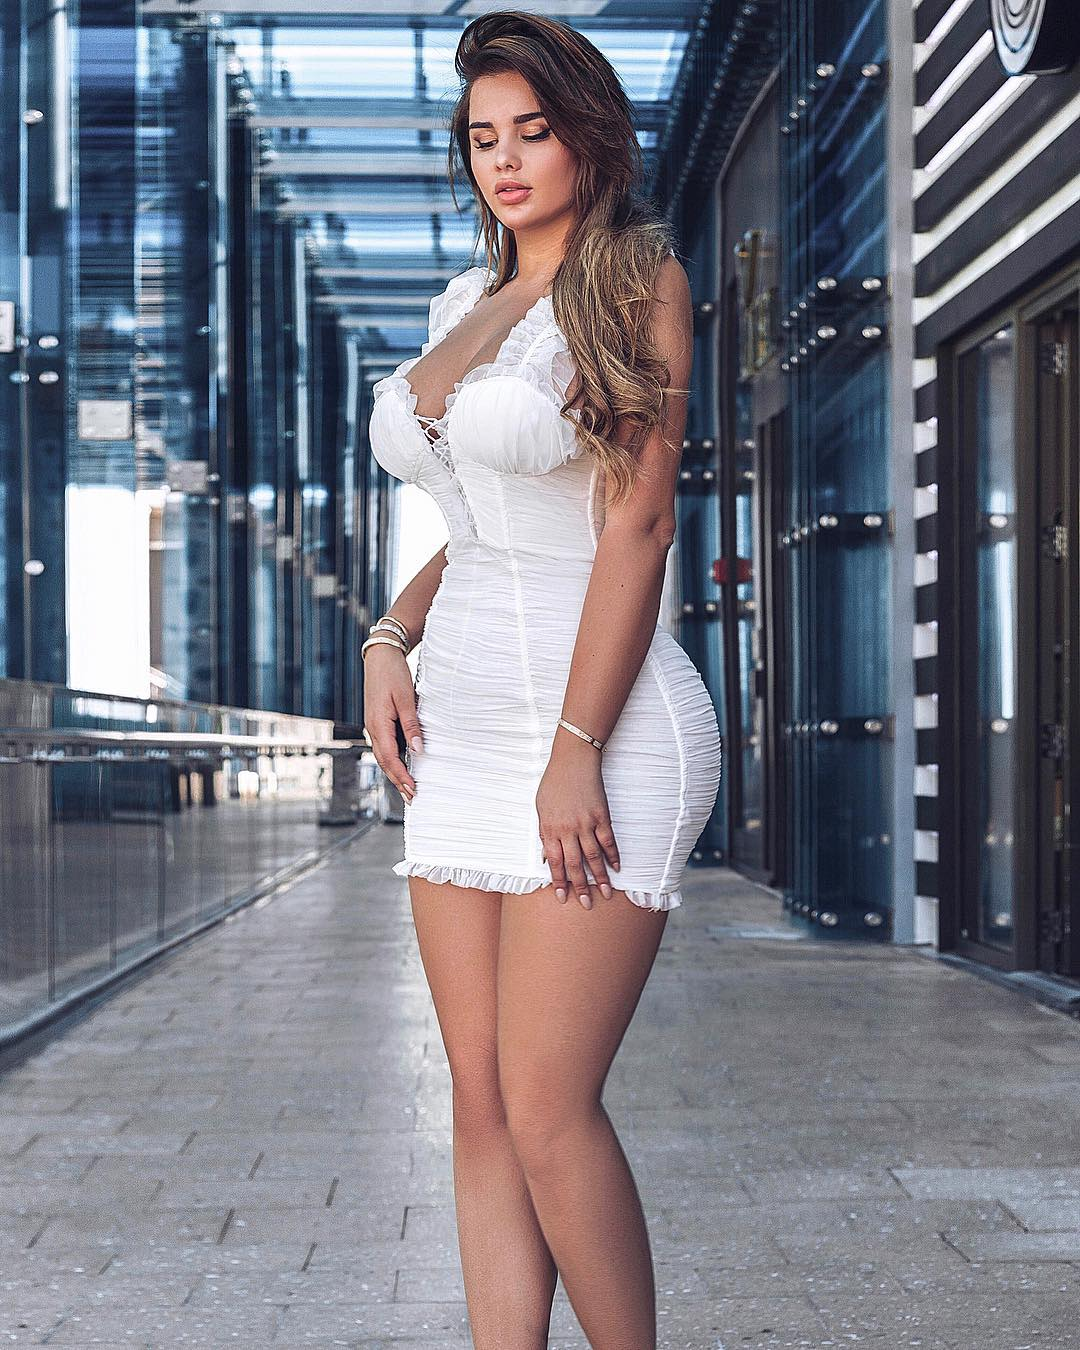 Anastasiya_kvitko144.jpg